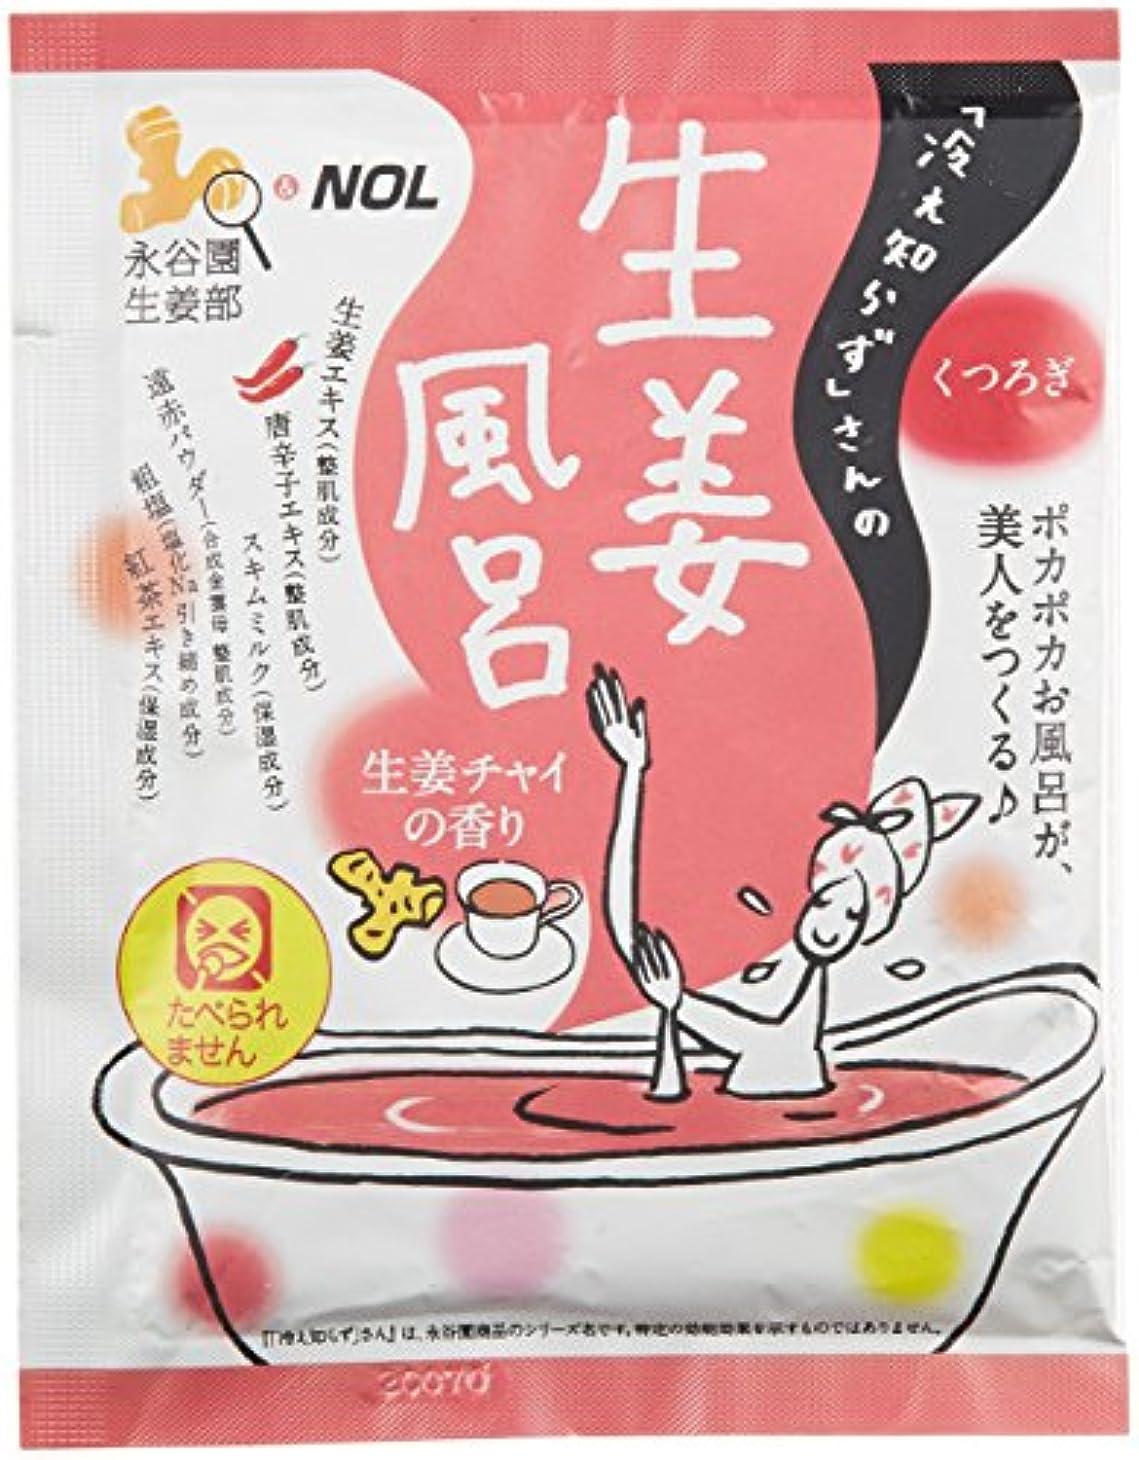 からかうフォーマル合理化ノルコーポレーション 入浴剤 冷え知らずさんの生姜風呂 40g 生姜チャイの香り NGT-1-03